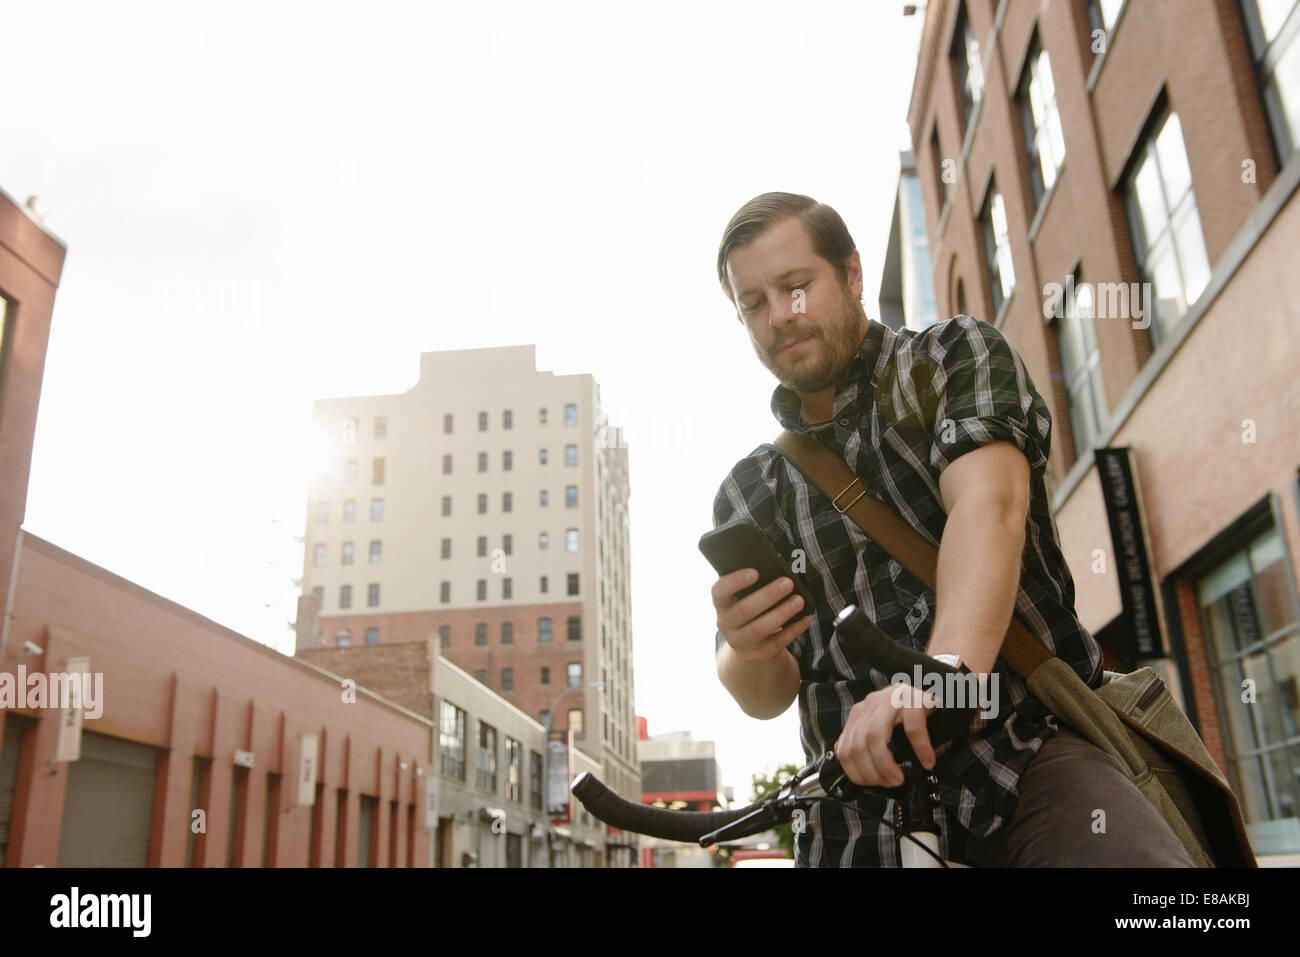 Ciclo maschio messenger direzioni di controllo sullo smartphone Immagini Stock